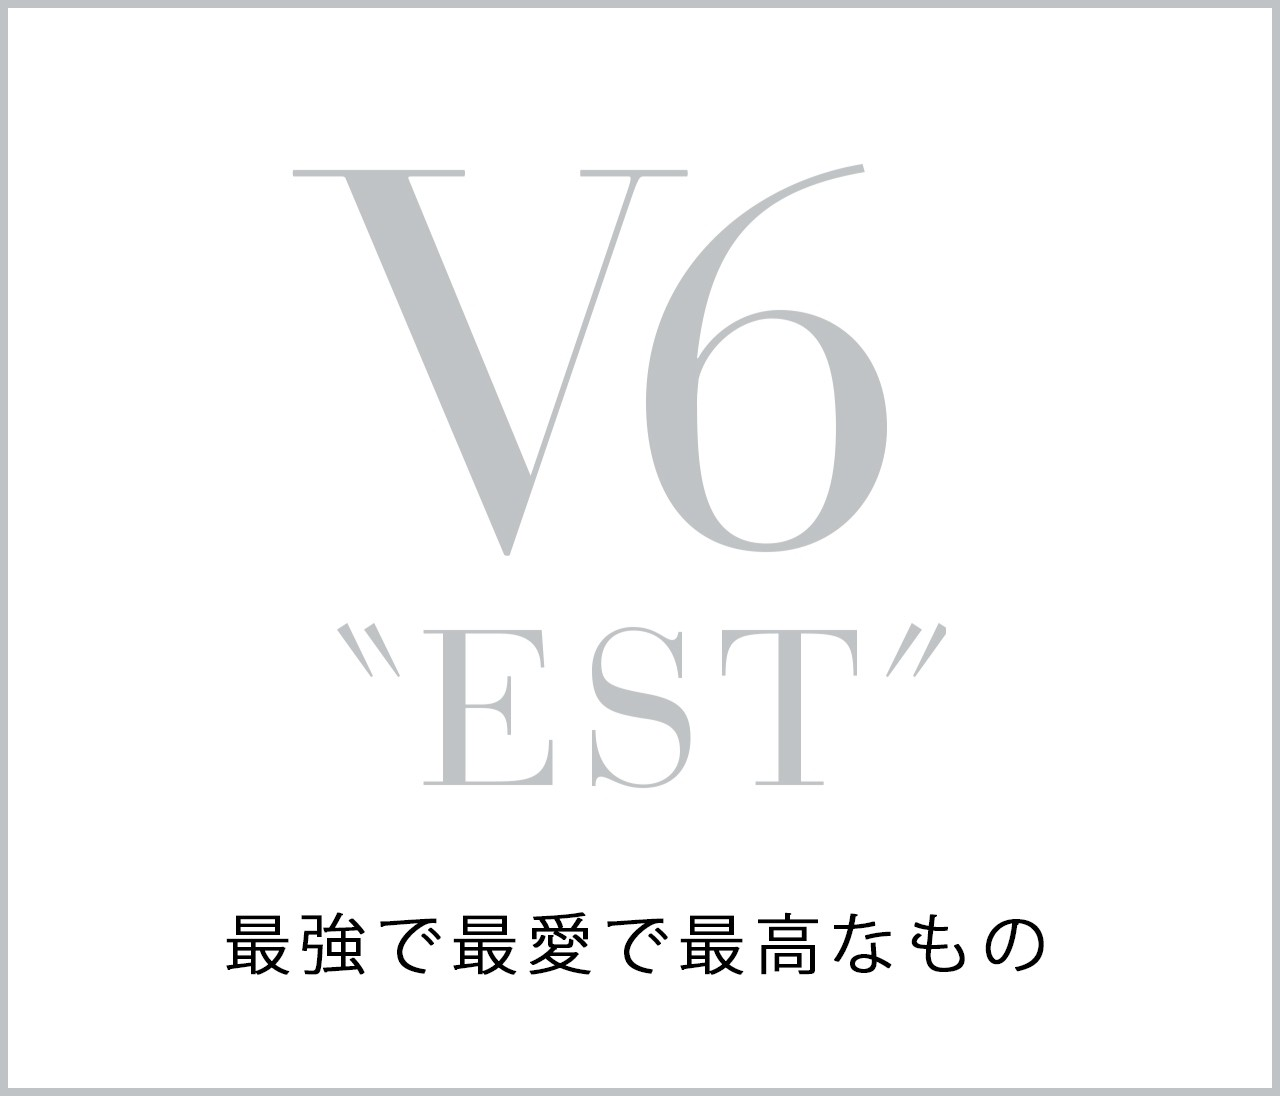 """【BAILAhomme掲載】#V6 スペシャルインタビュー""""EST"""""""